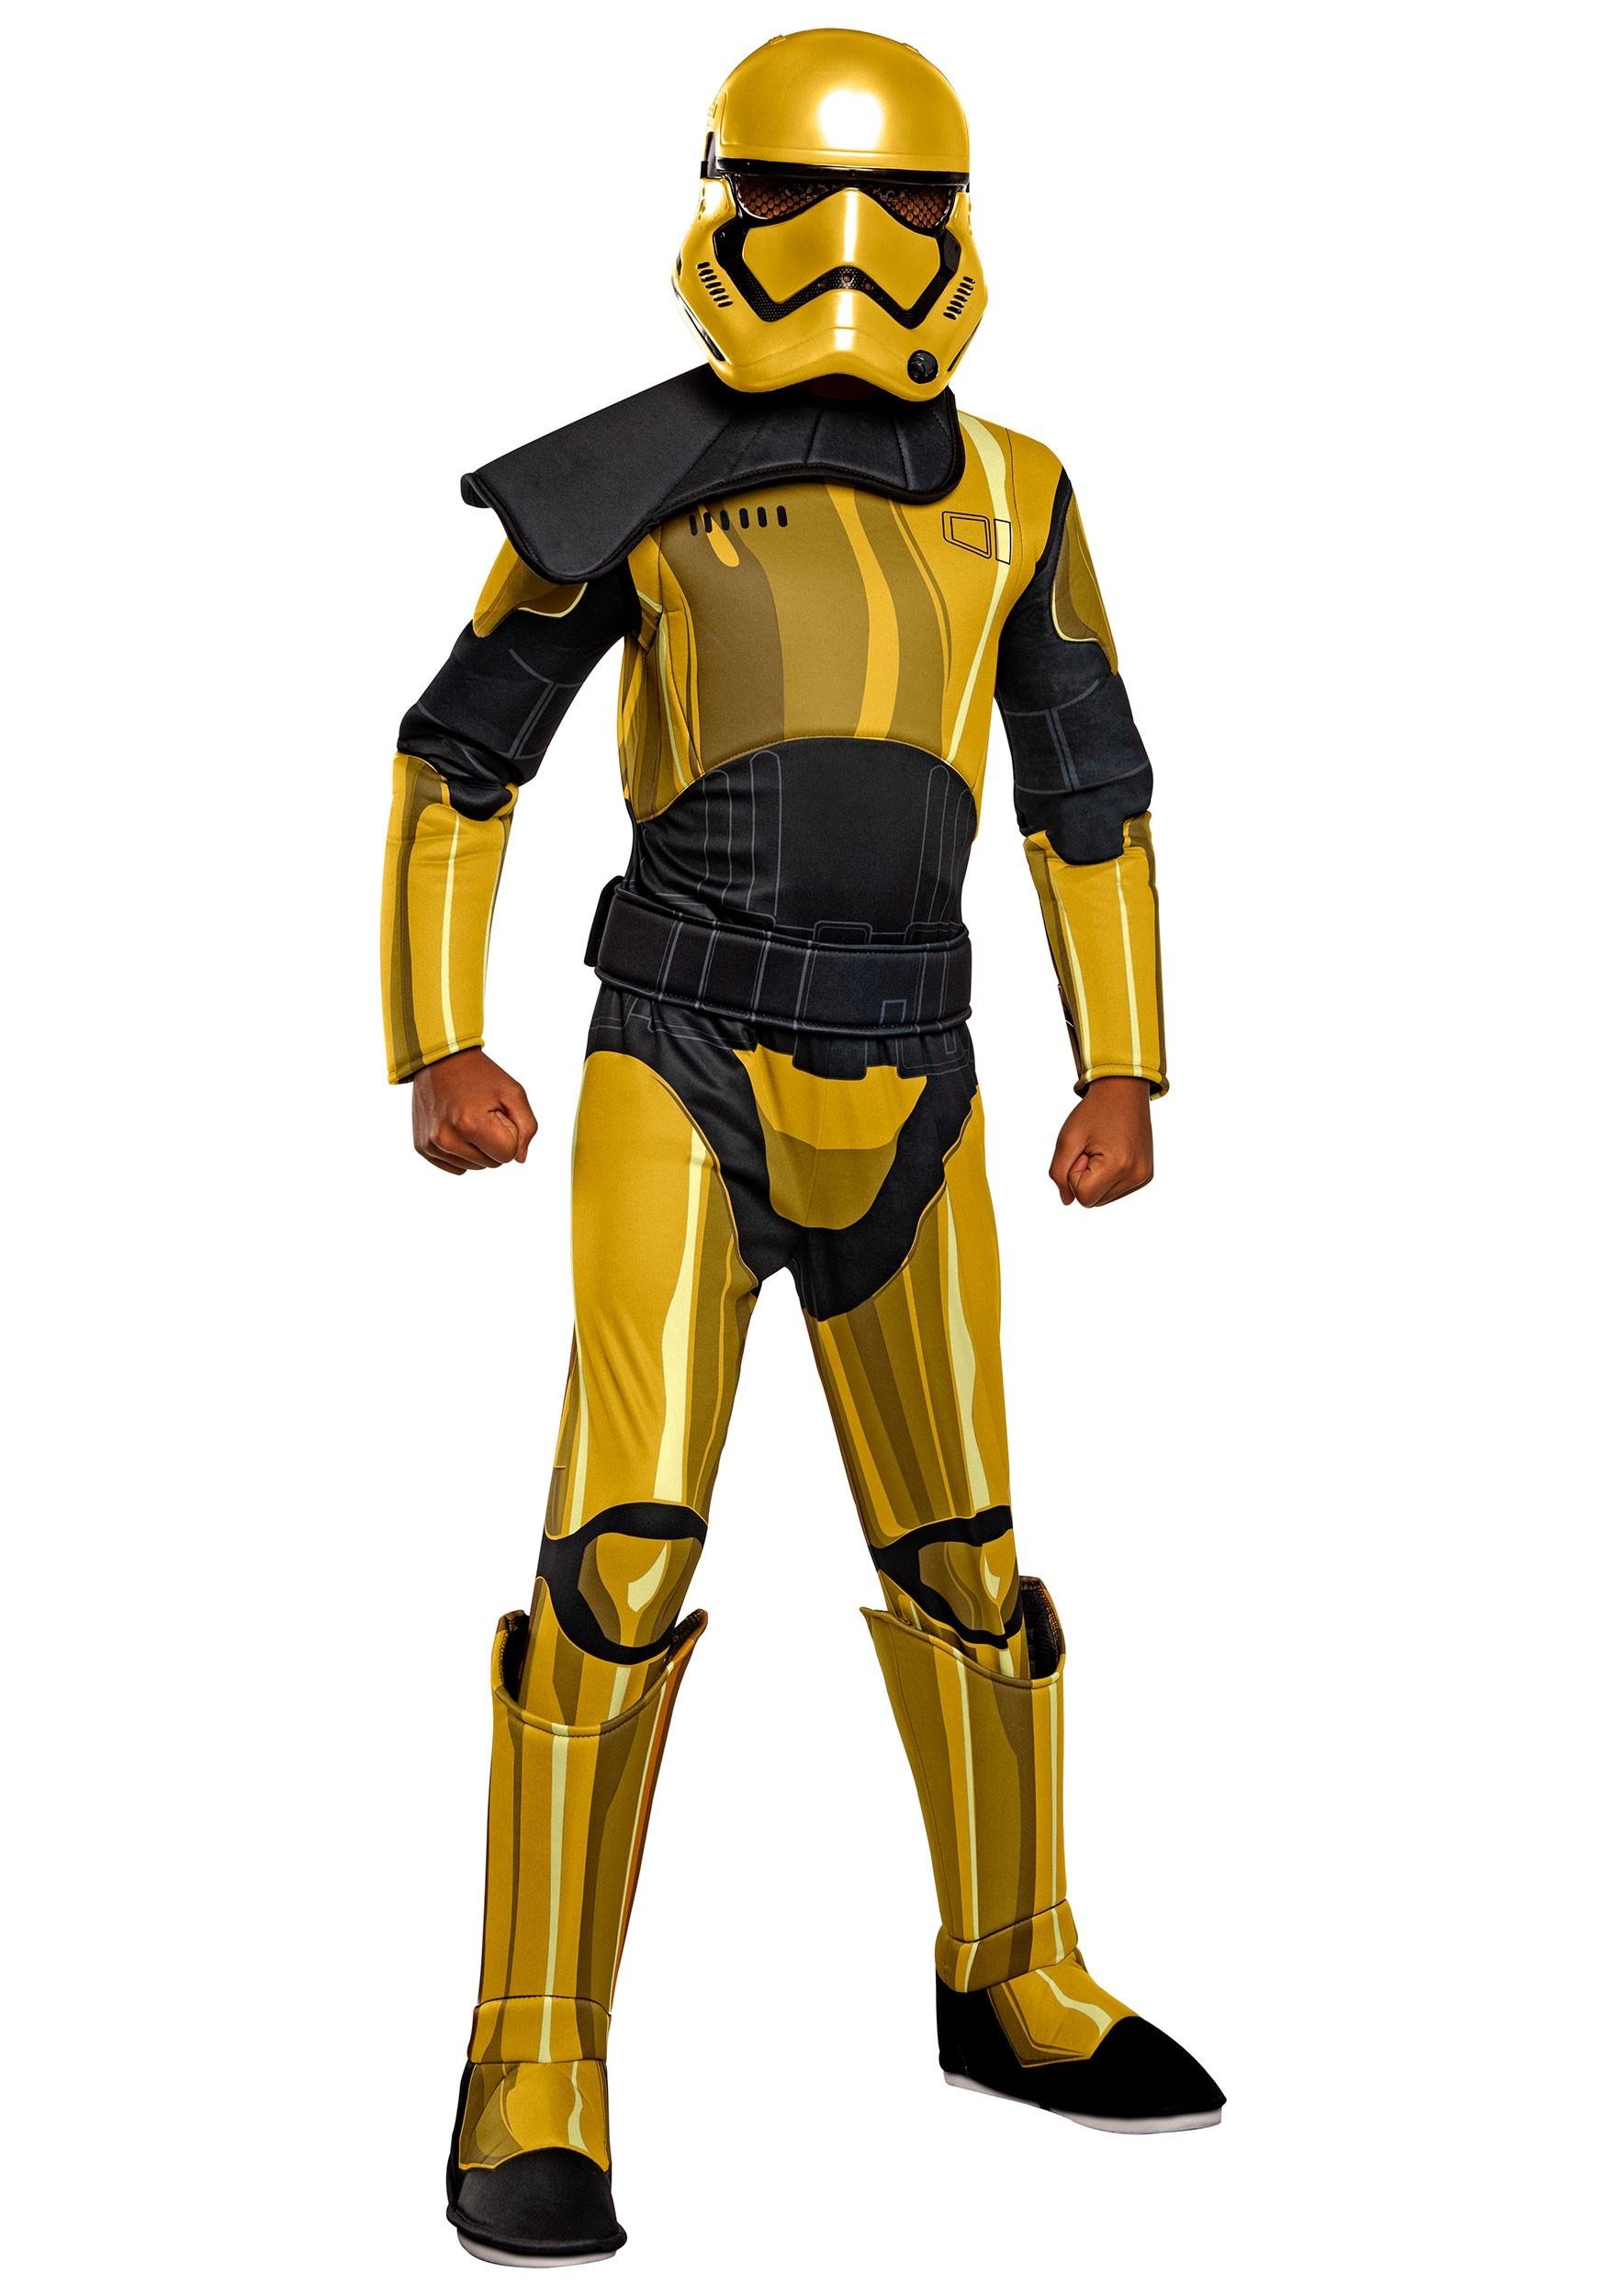 Star Wars Golden Stormtrooper Commander Pyre Deluxe Costume for Kids